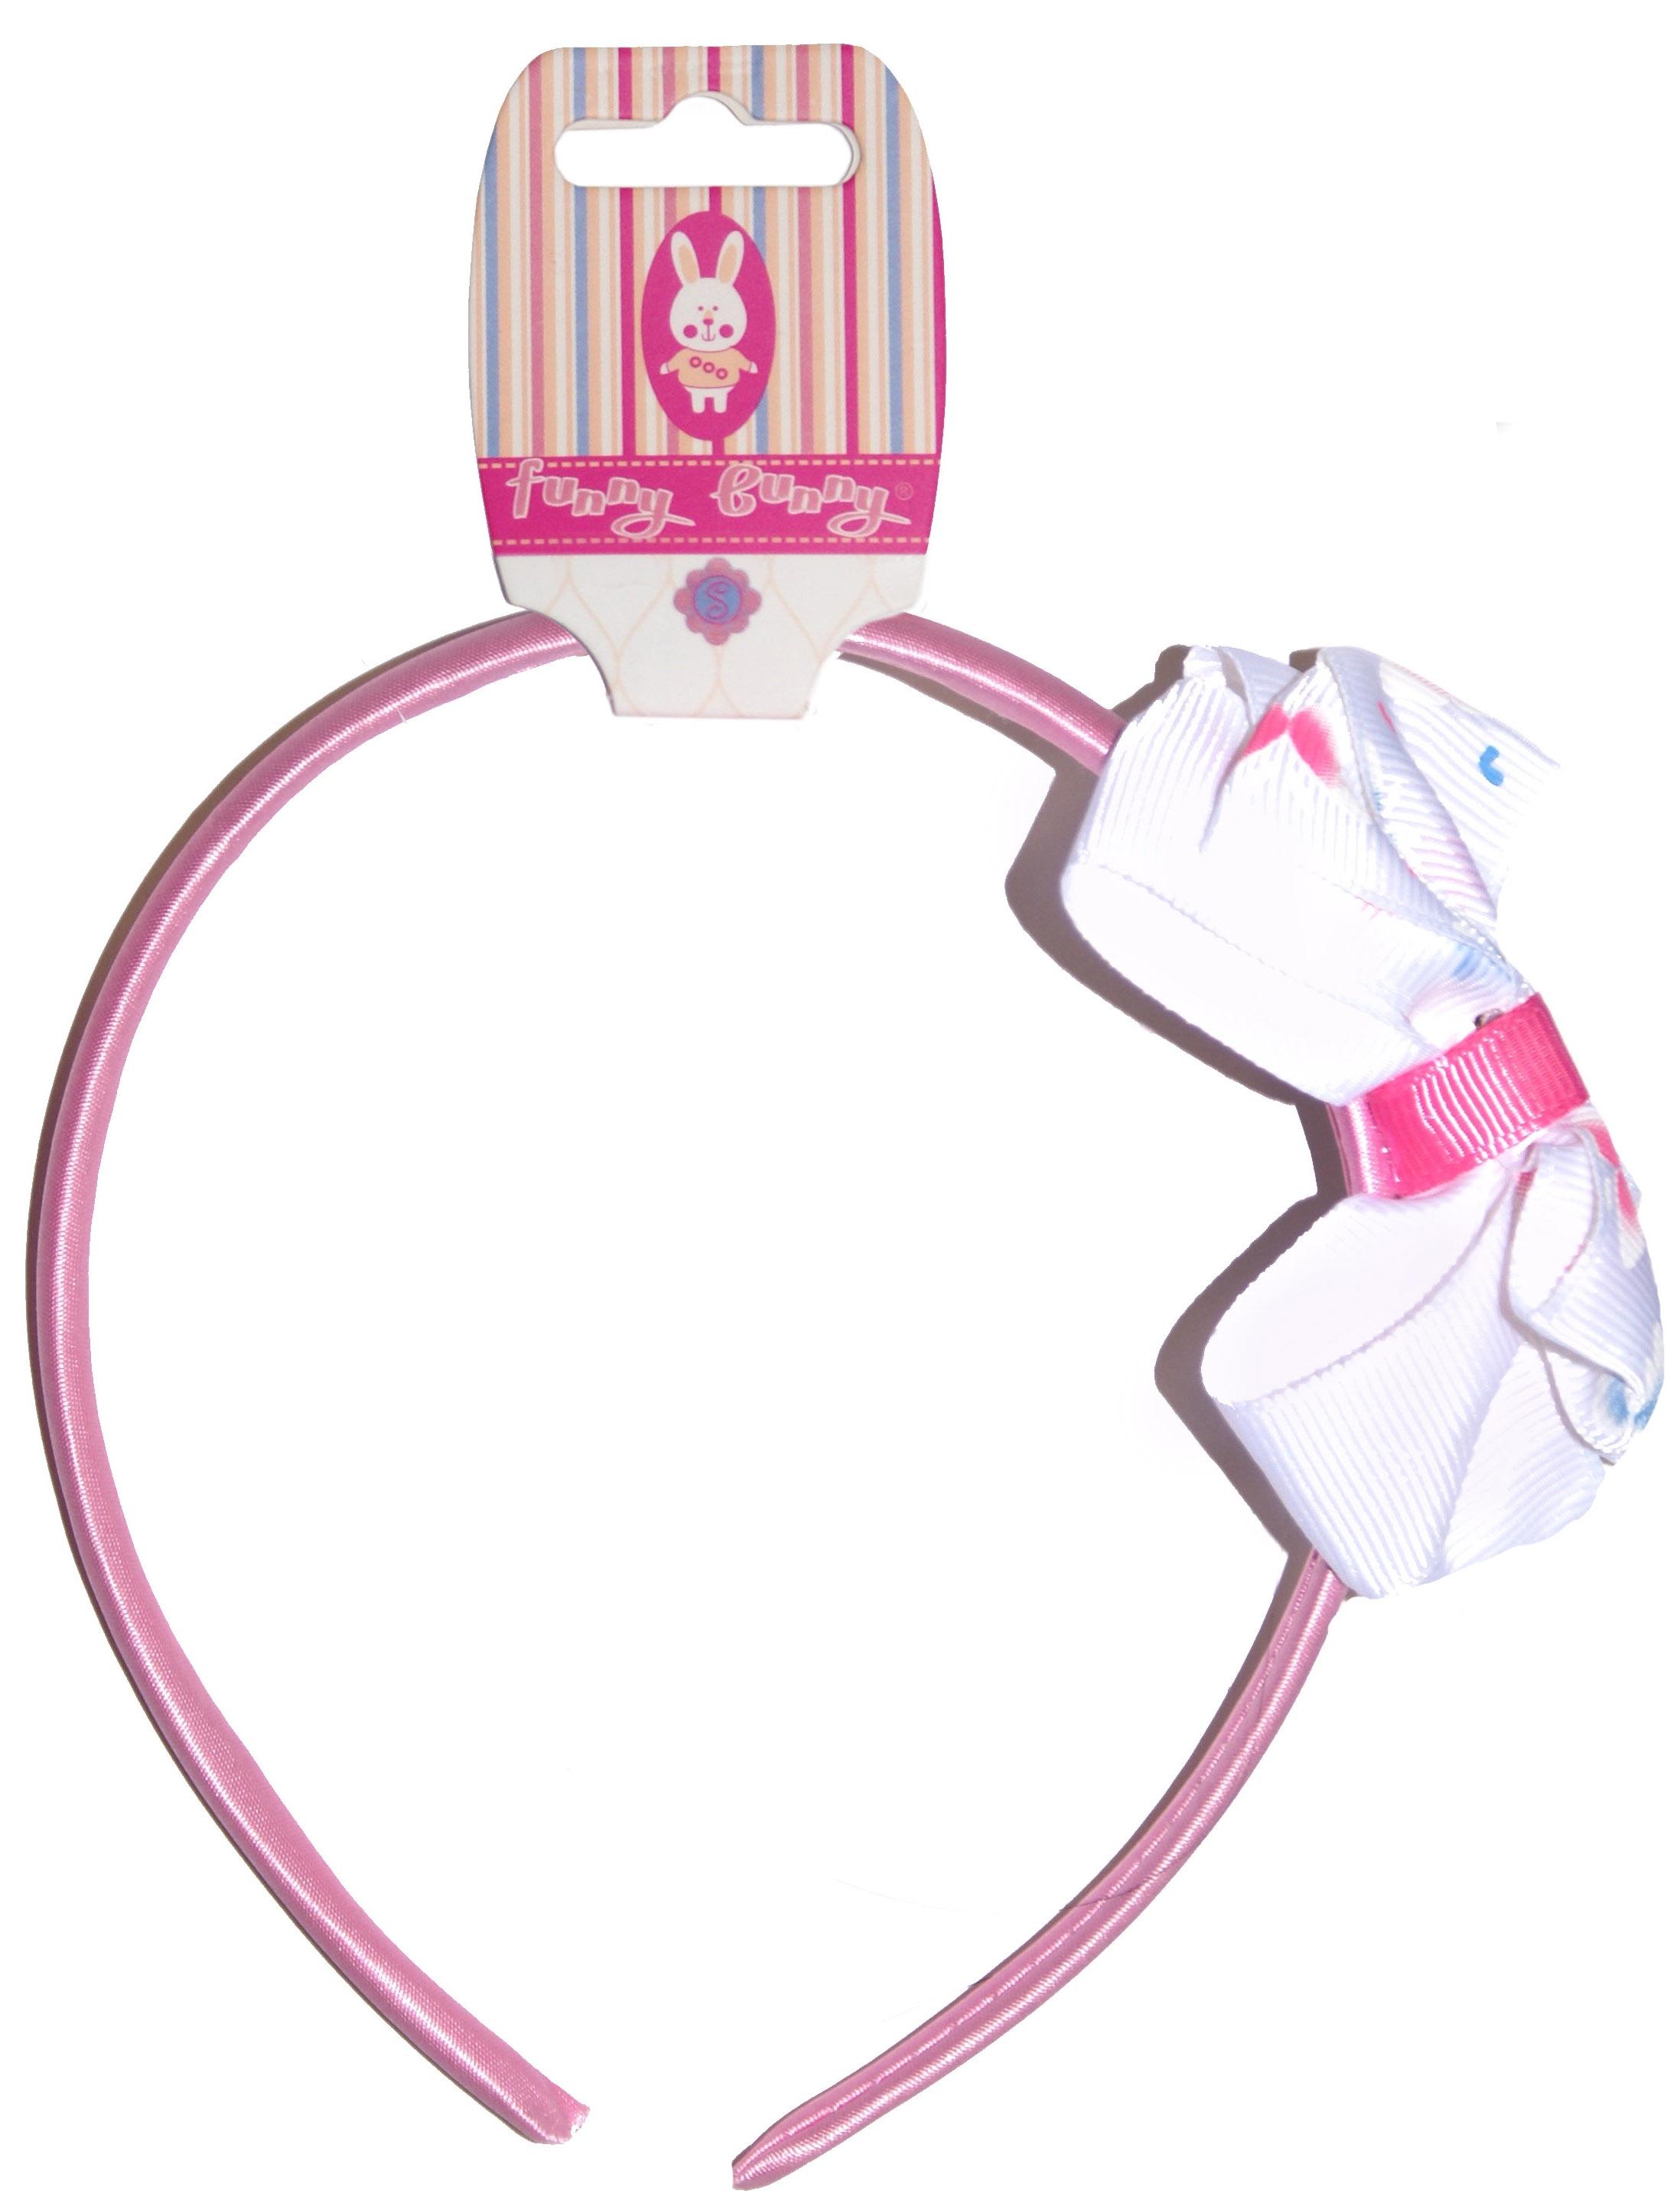 Ободок детский Funny Bunny средний korea dimensiona crystal bunny lace rabbit ears headbands for women hair bows hair accessories accesorios para el pelo c